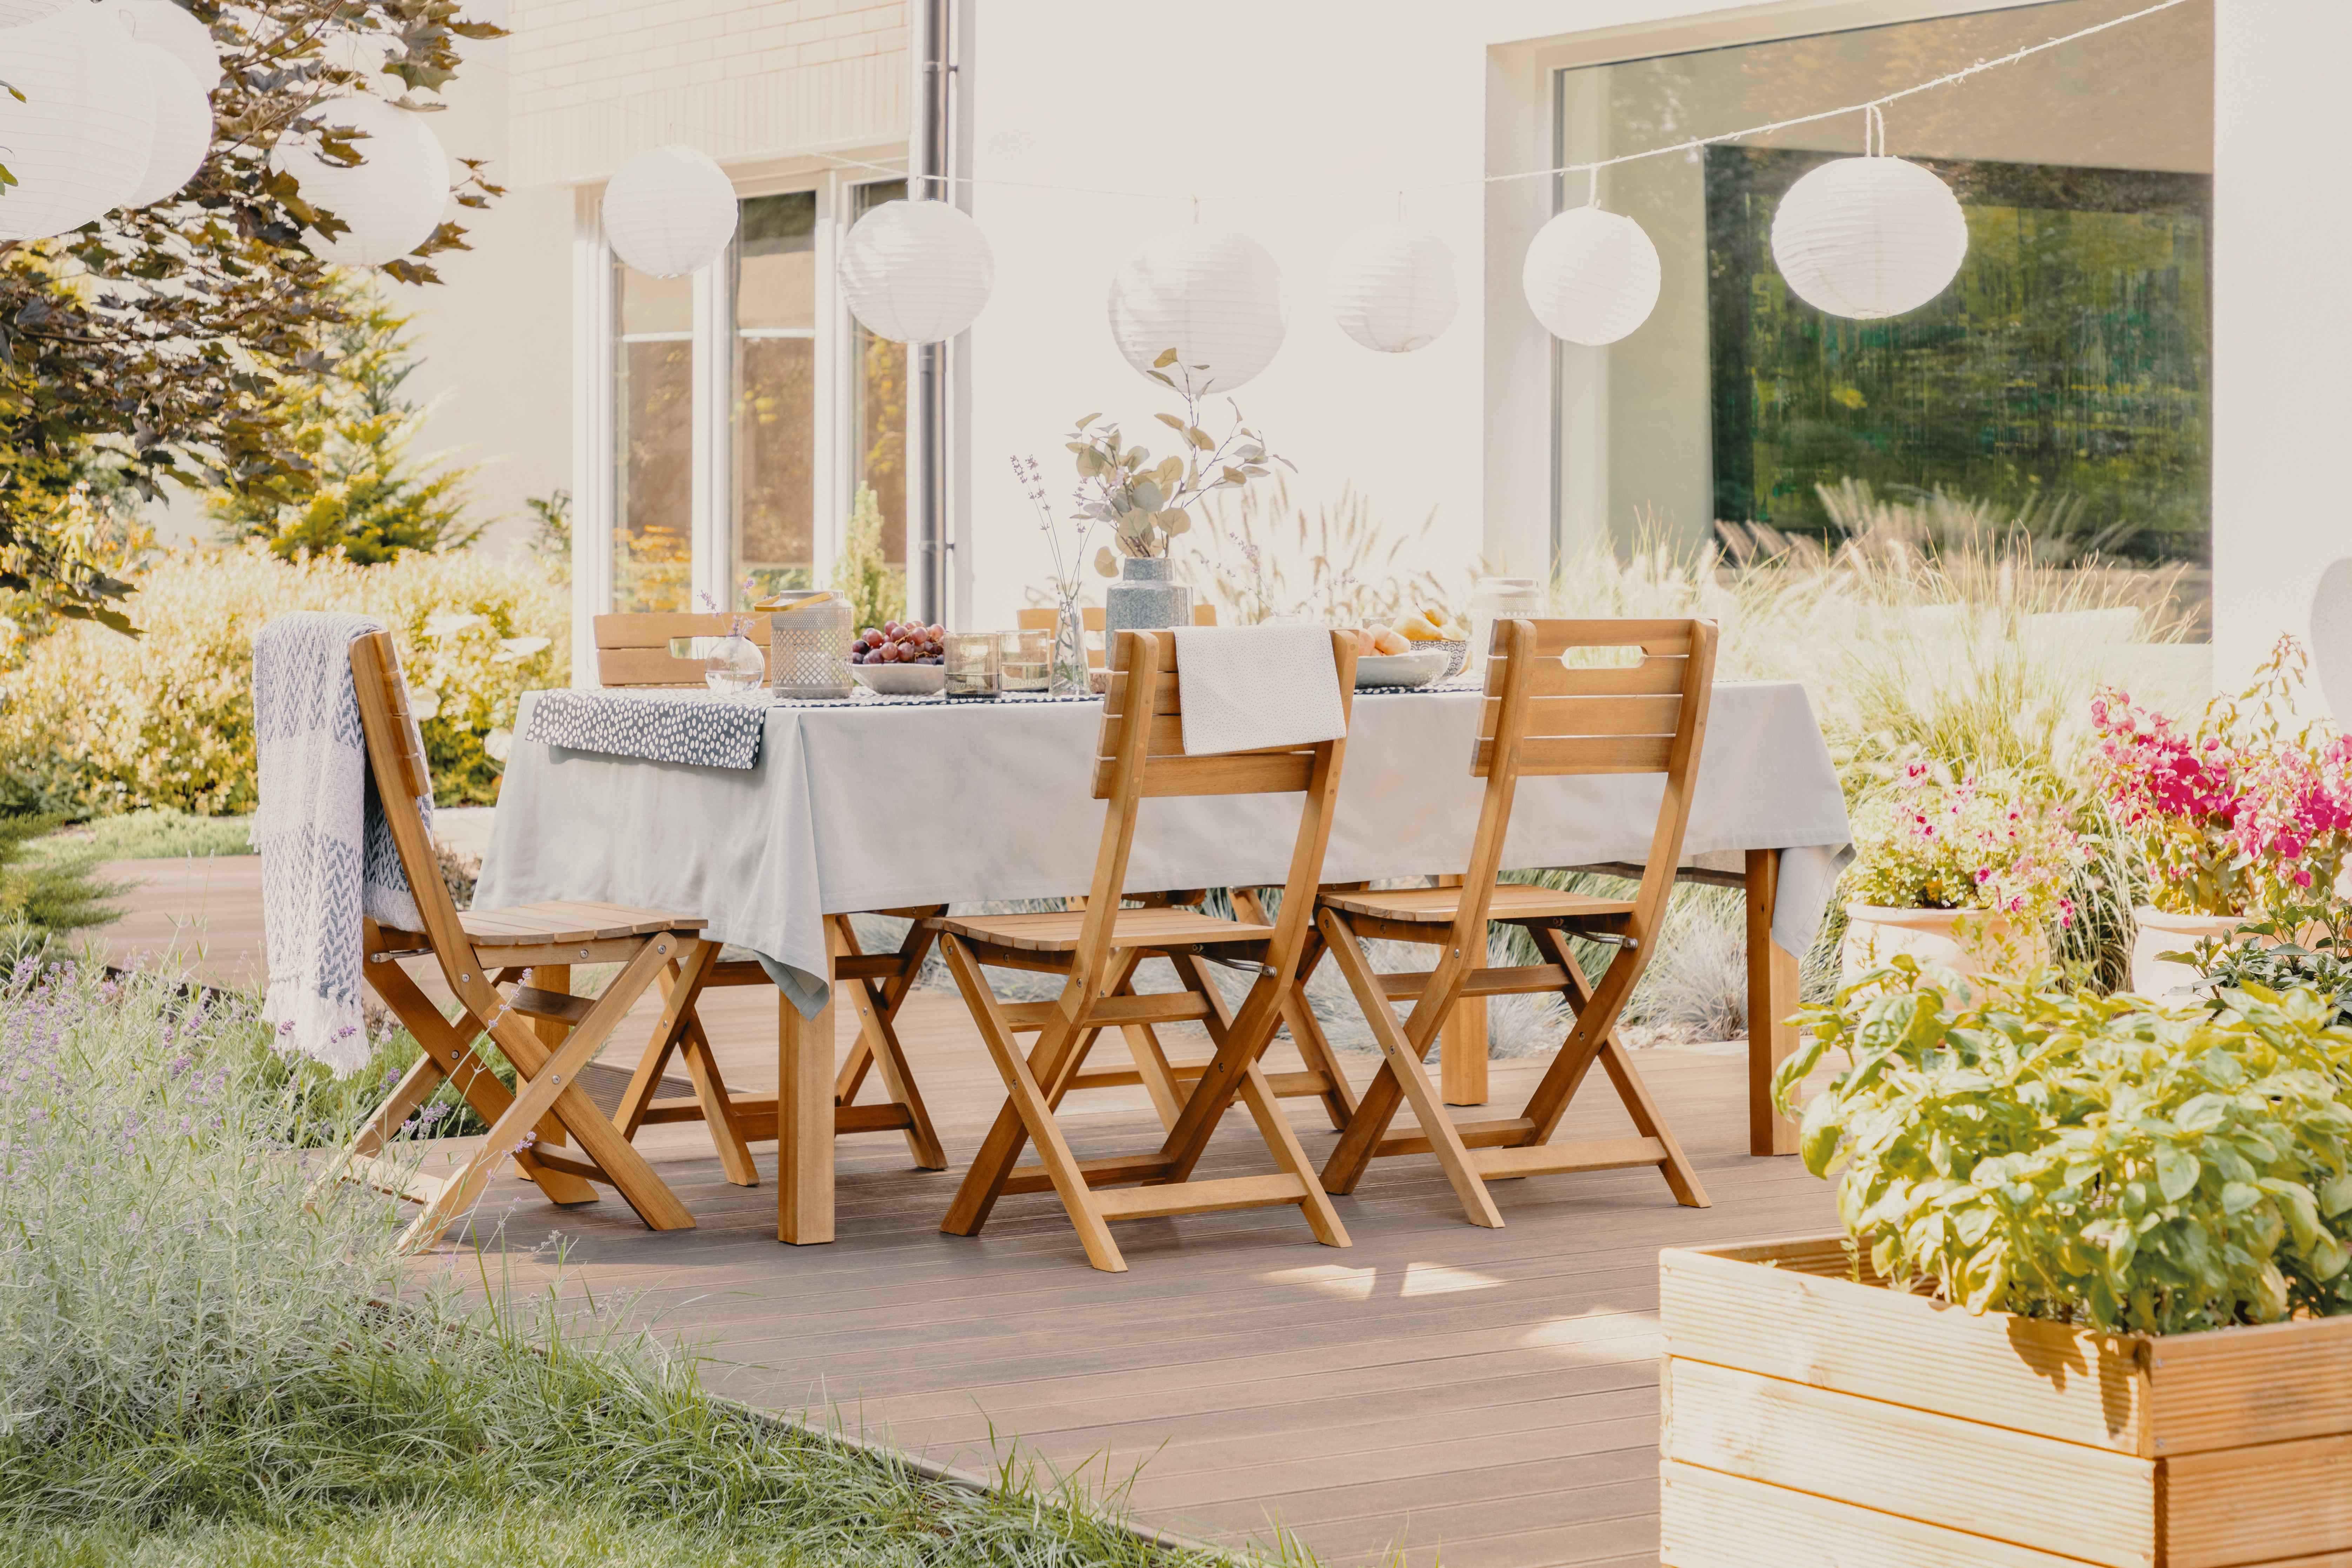 Probuďte svou zahradu k životu s dřevěným nábytkem a dekoracemi